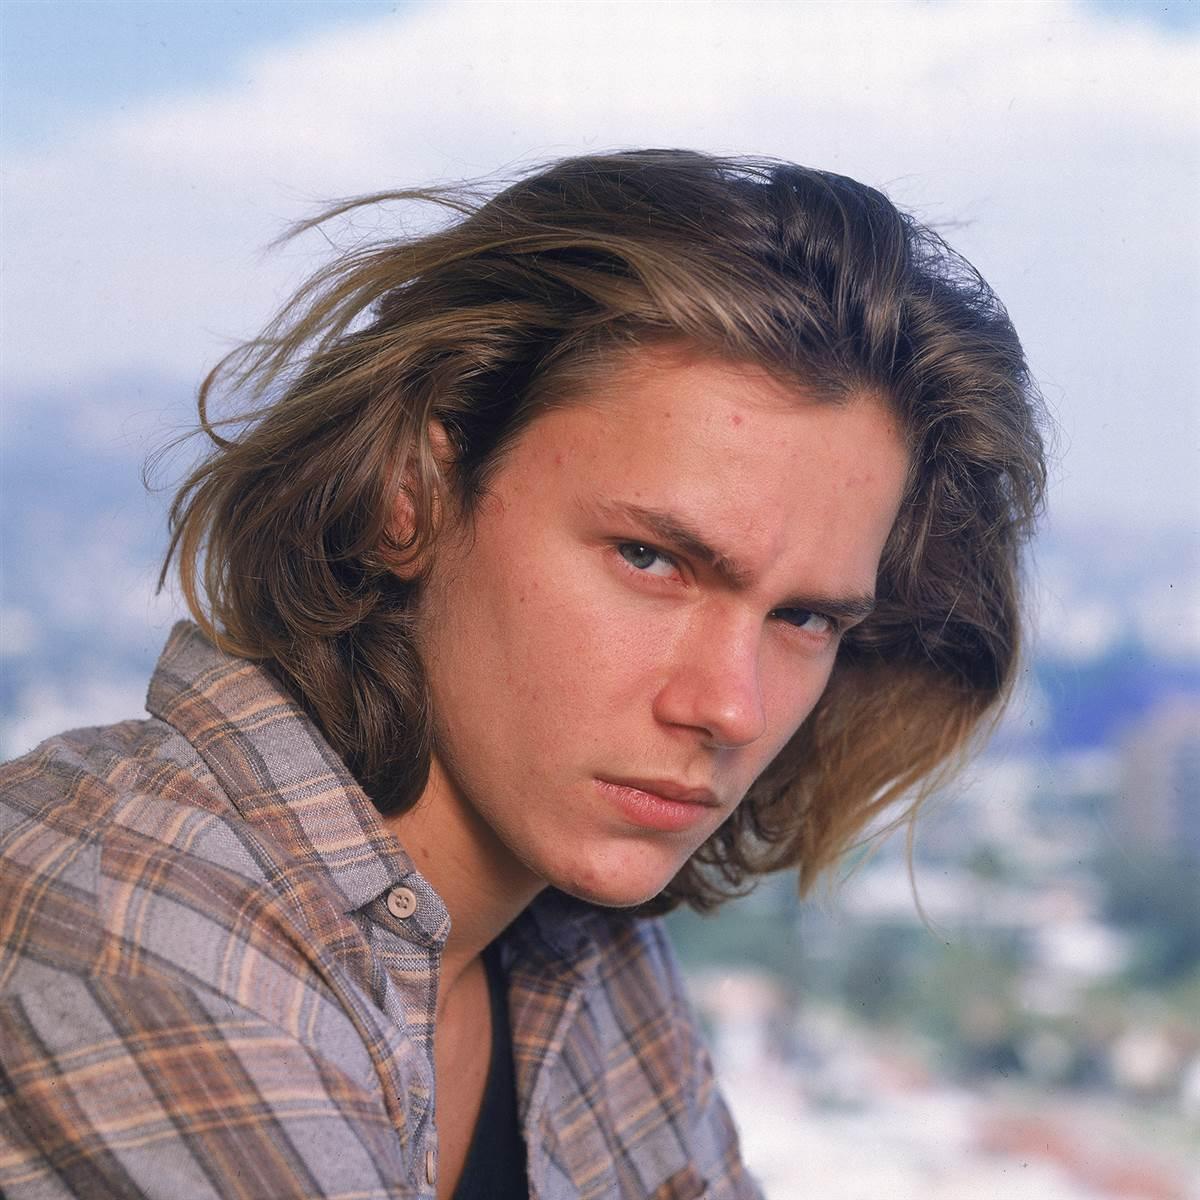 La trágica muerte del actor River Phoenix, el James Dean de los años 90' -  Guioteca